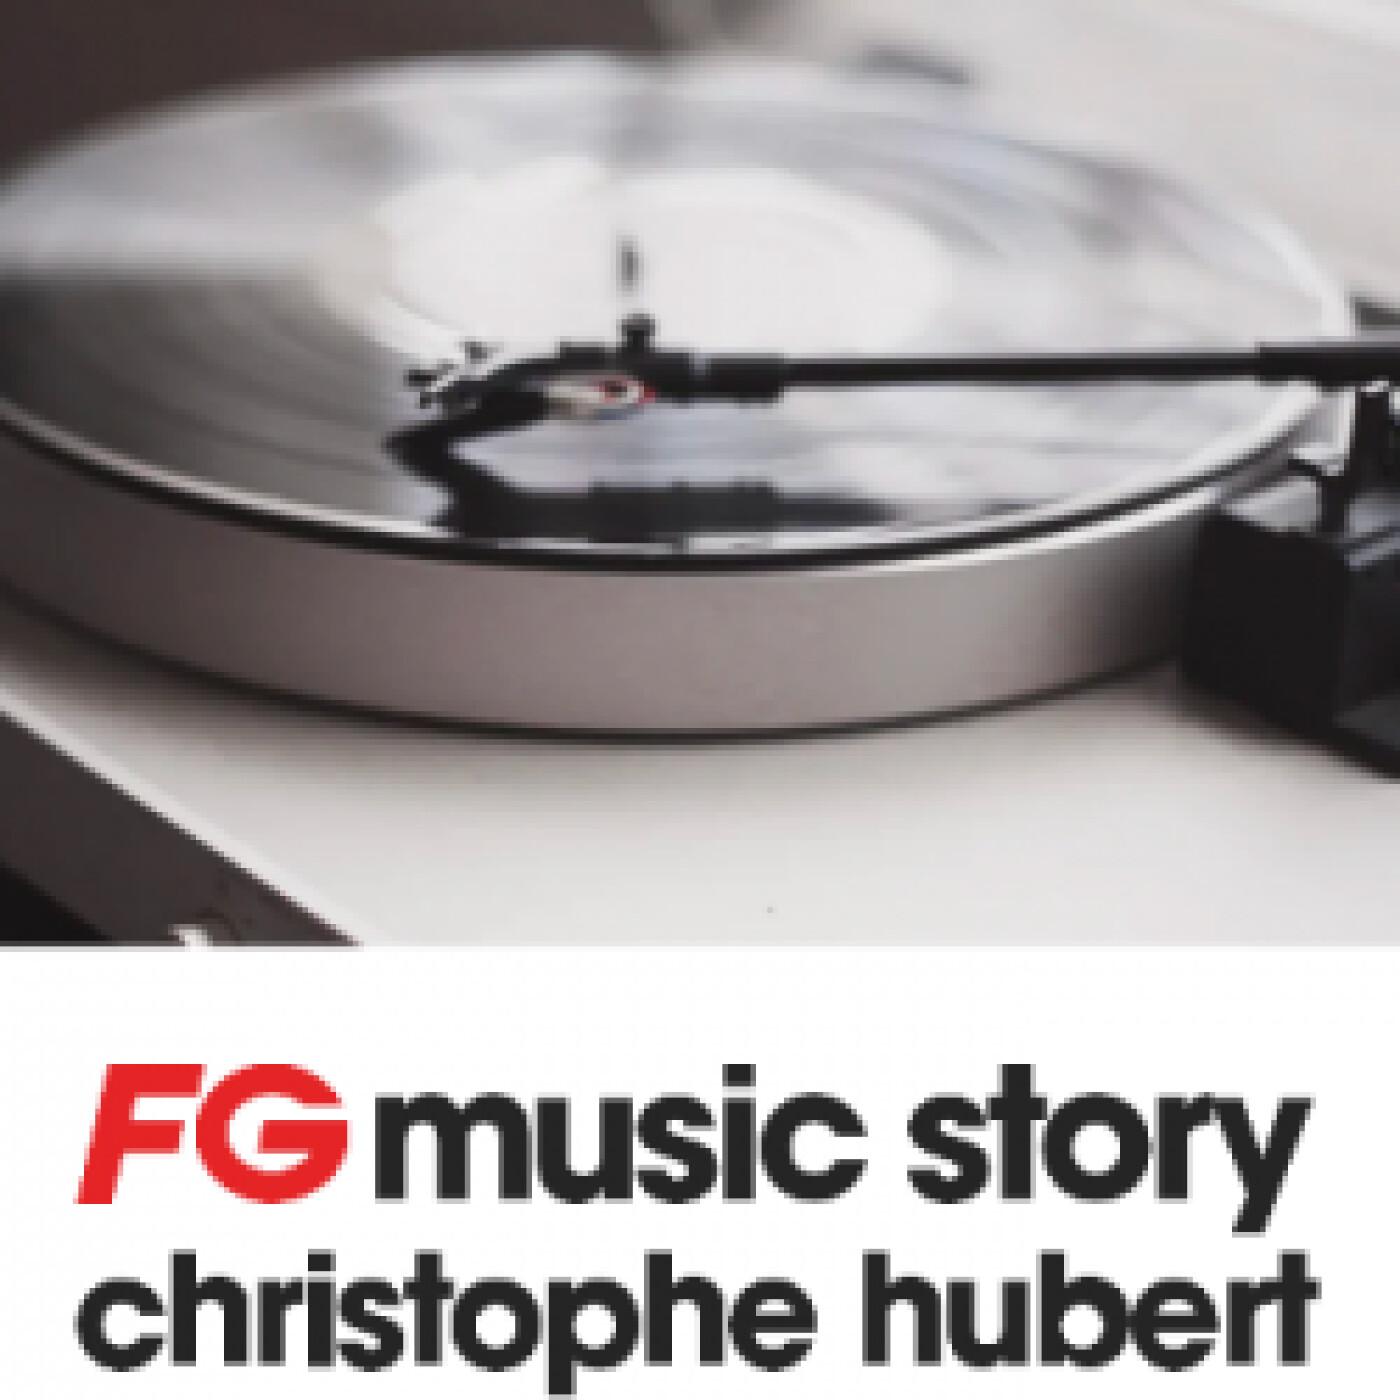 FG MUSIC STORY : STARLIGHT